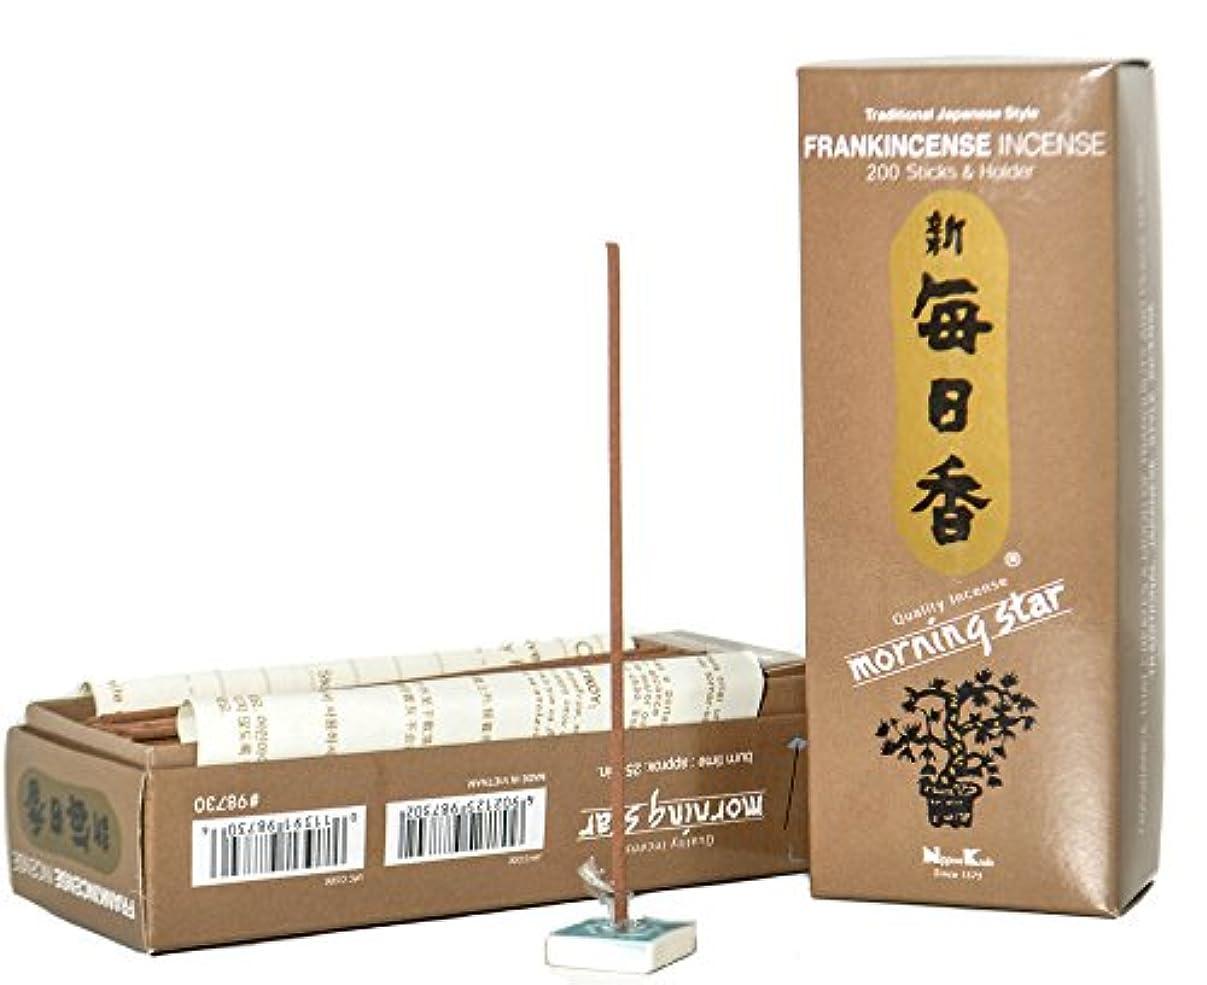 中絶ギネス正確にMorning Star Japanese Incense Sticks 200 Sticks &ホルダー ブラウン